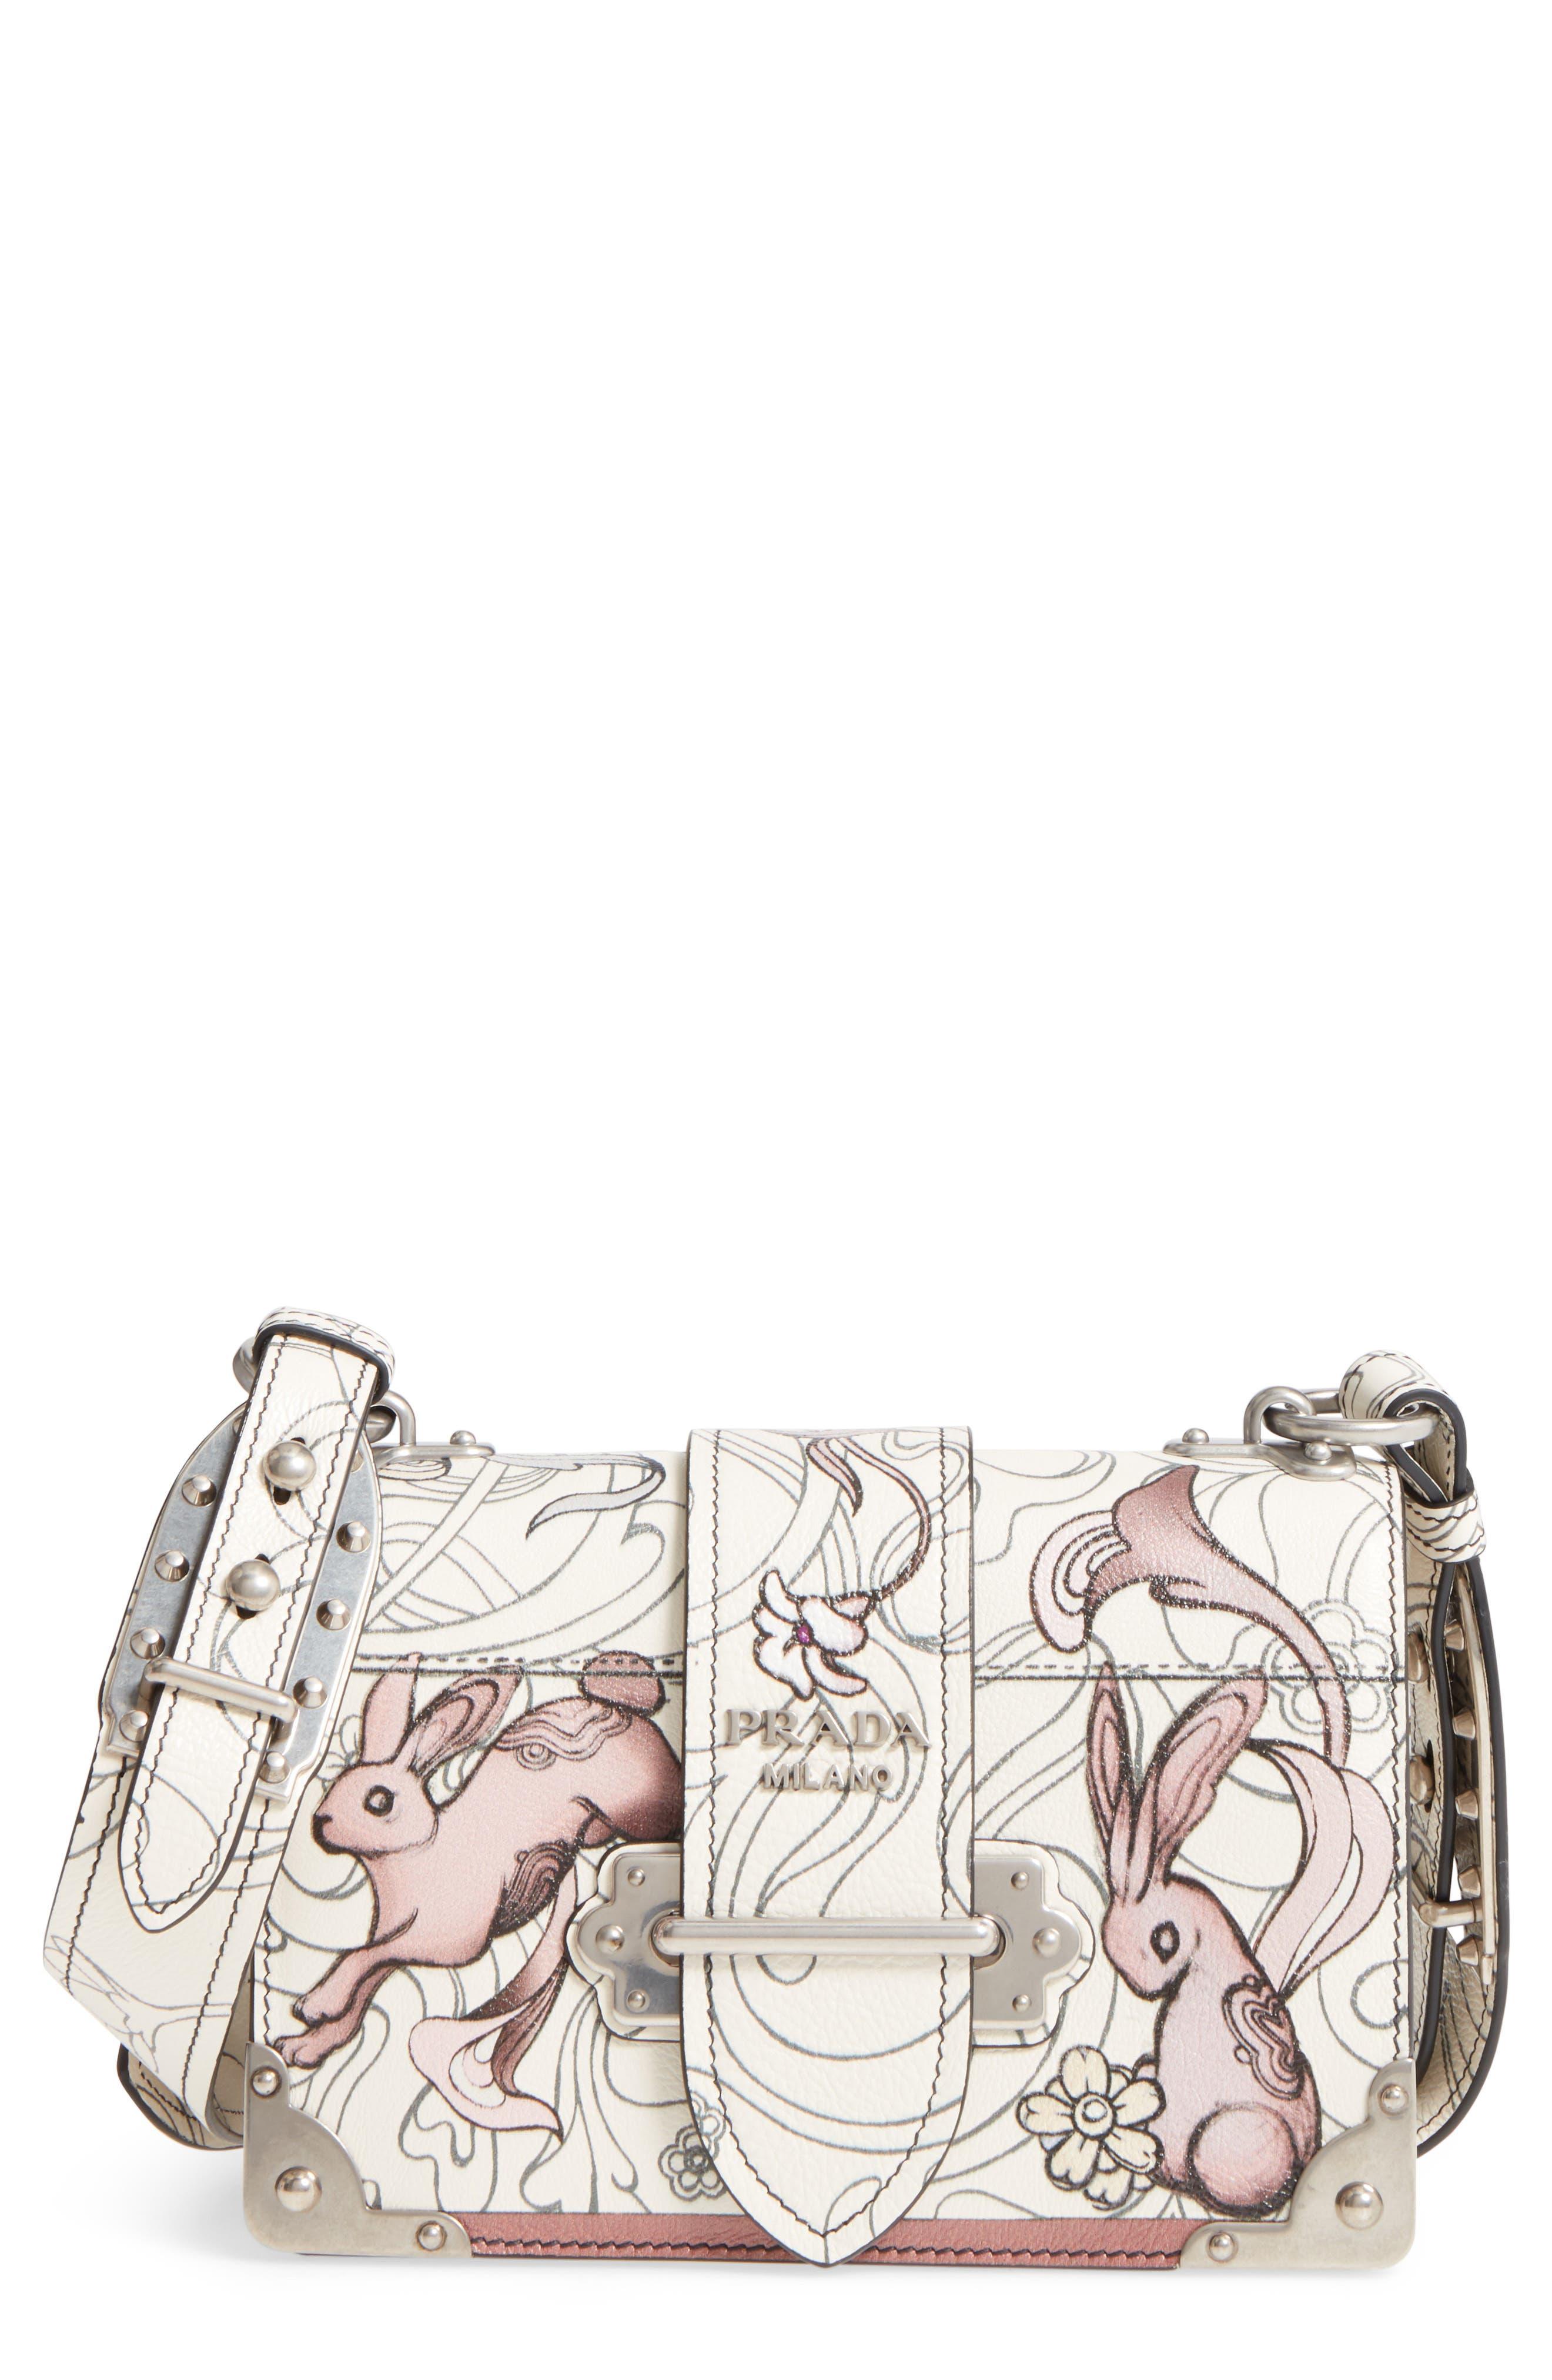 Alternate Image 1 Selected - Prada Cahier Calfskin Shoulder Bag